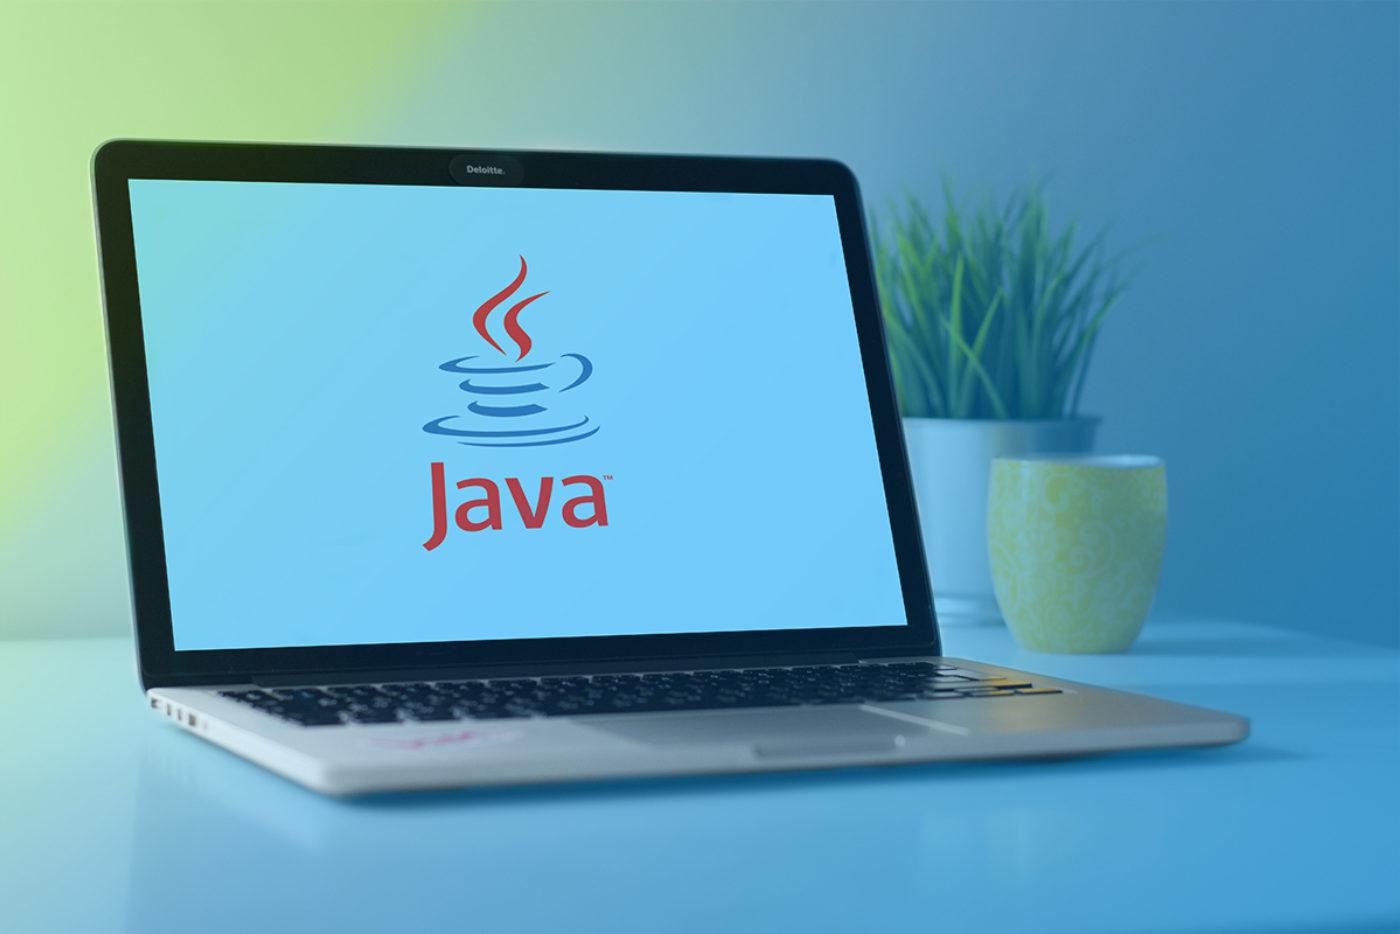 Мероприятия: Мастер-класс «Обработка HTTP-запросов в Java» в Киеве